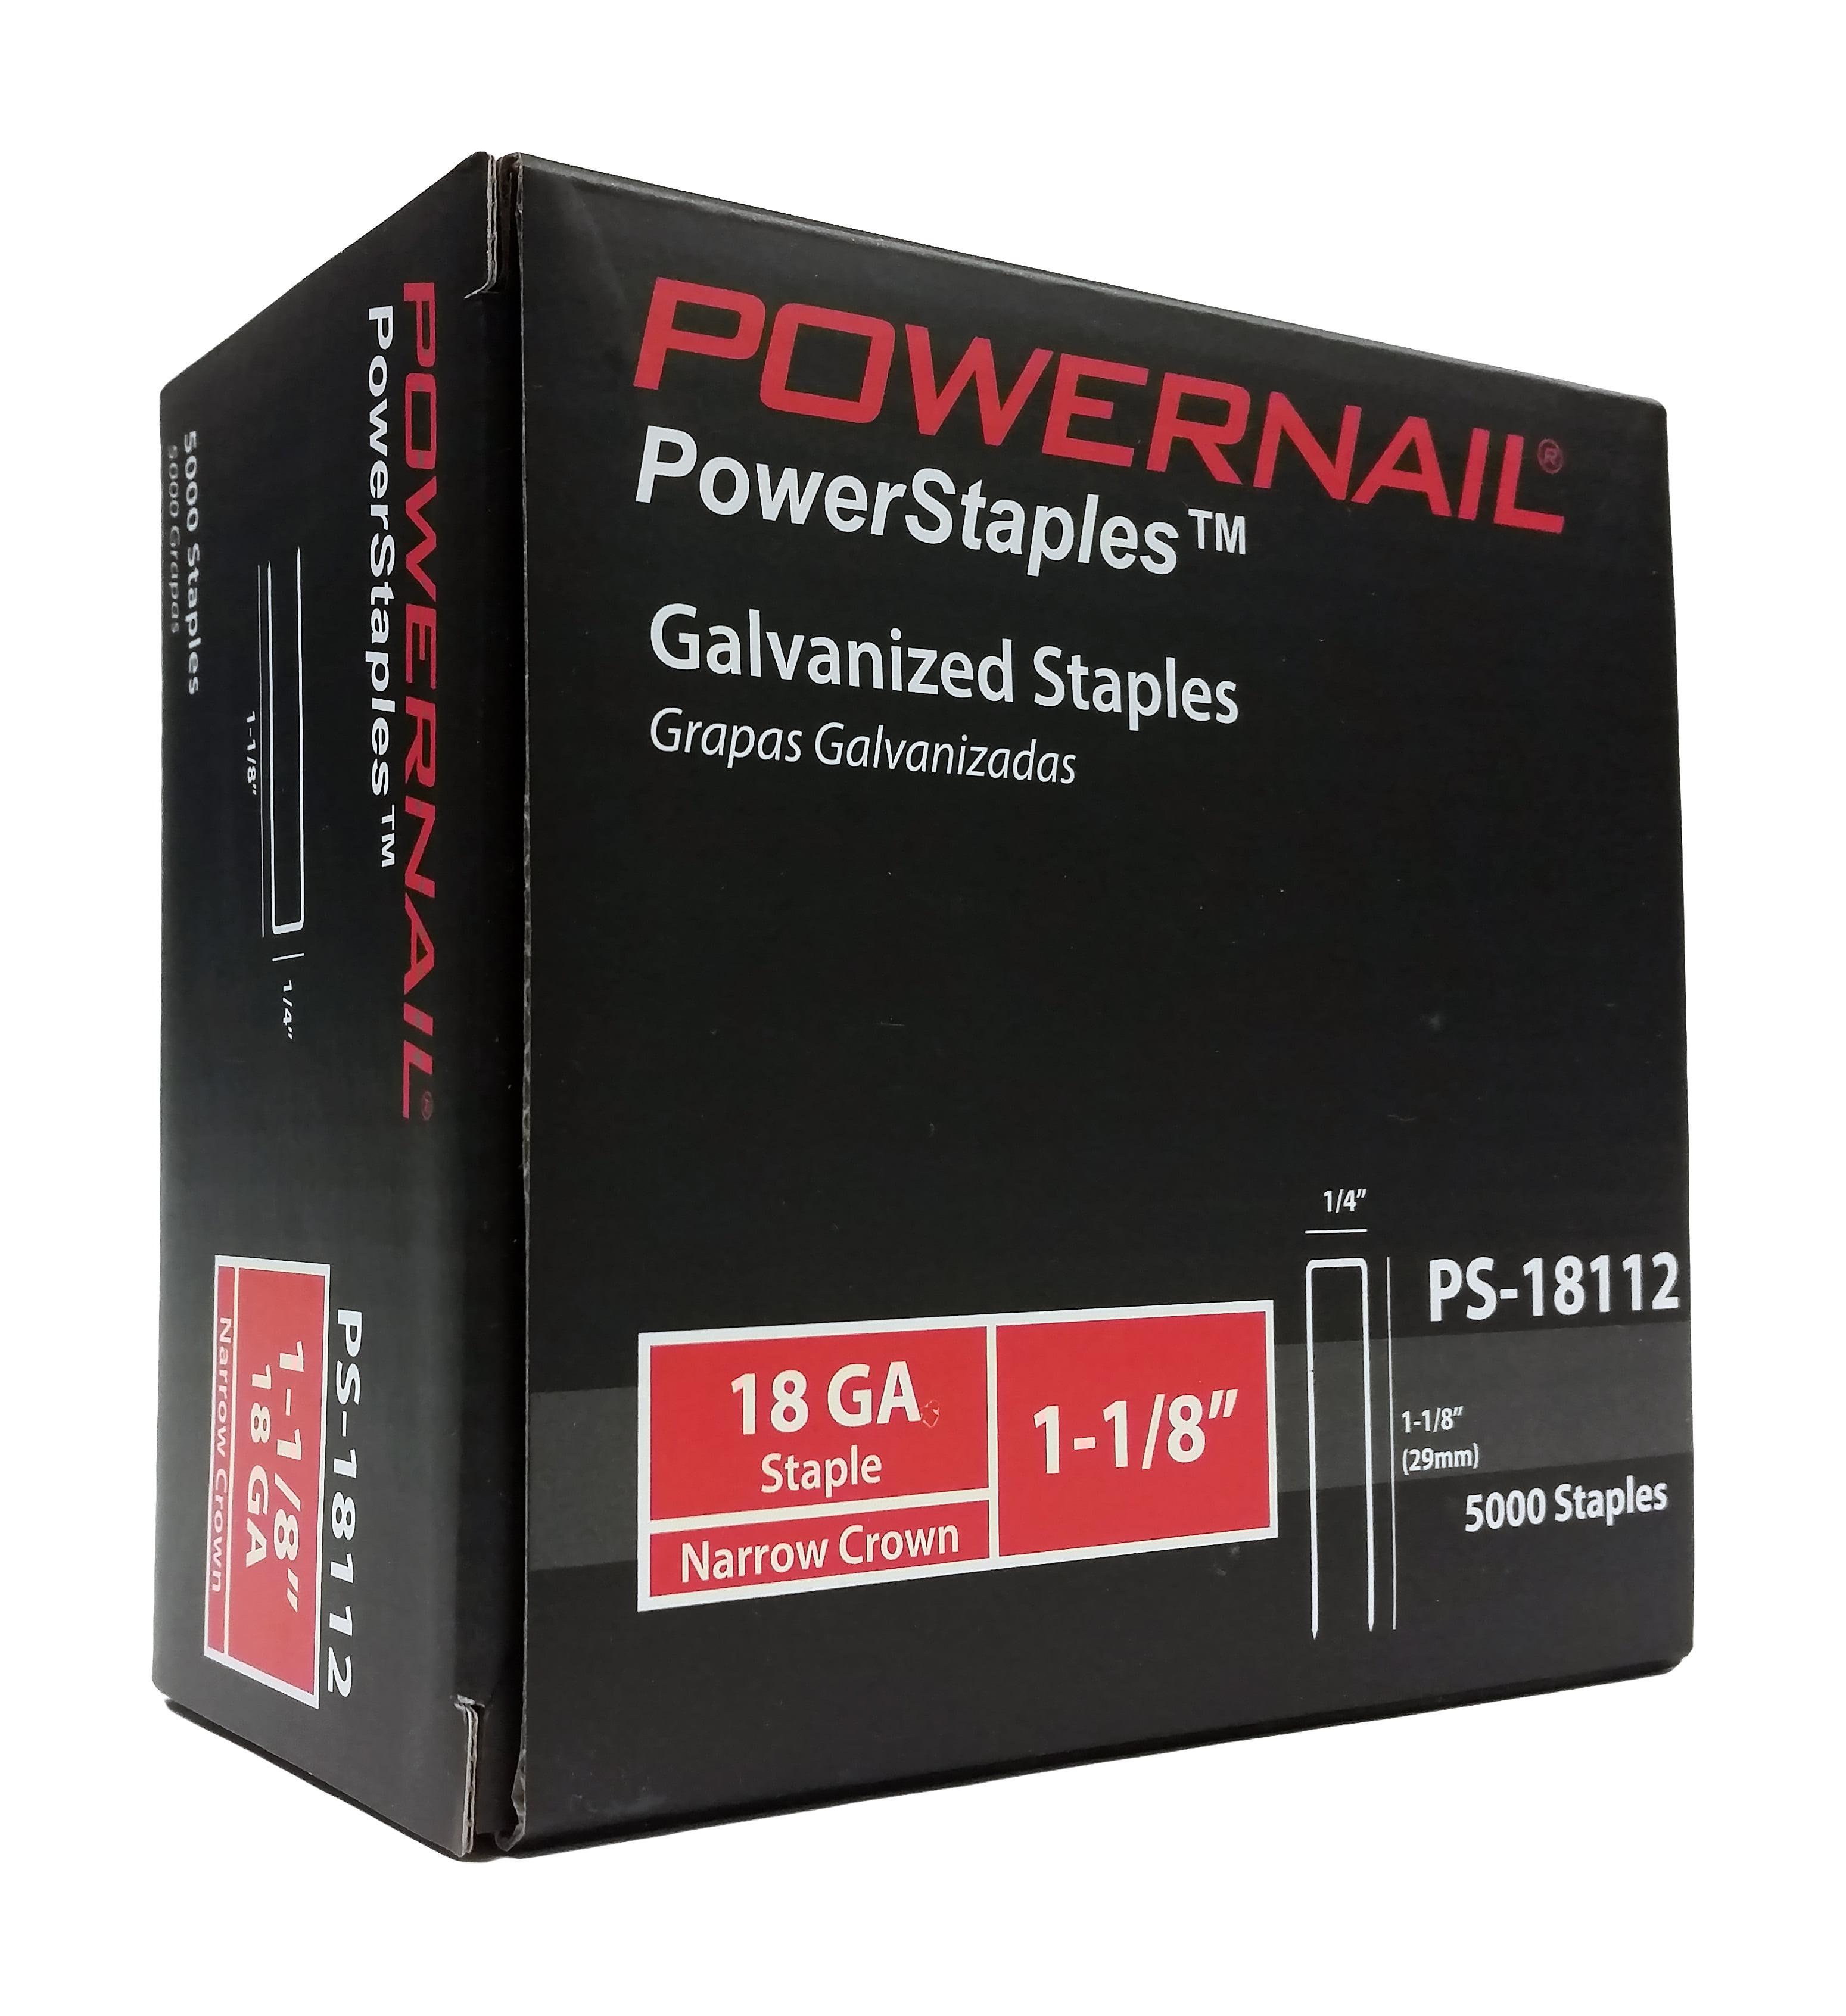 POWERNAIL 18-Gauge 1-1/8-Inch Narrow Crown Flooring Staples | PS18112